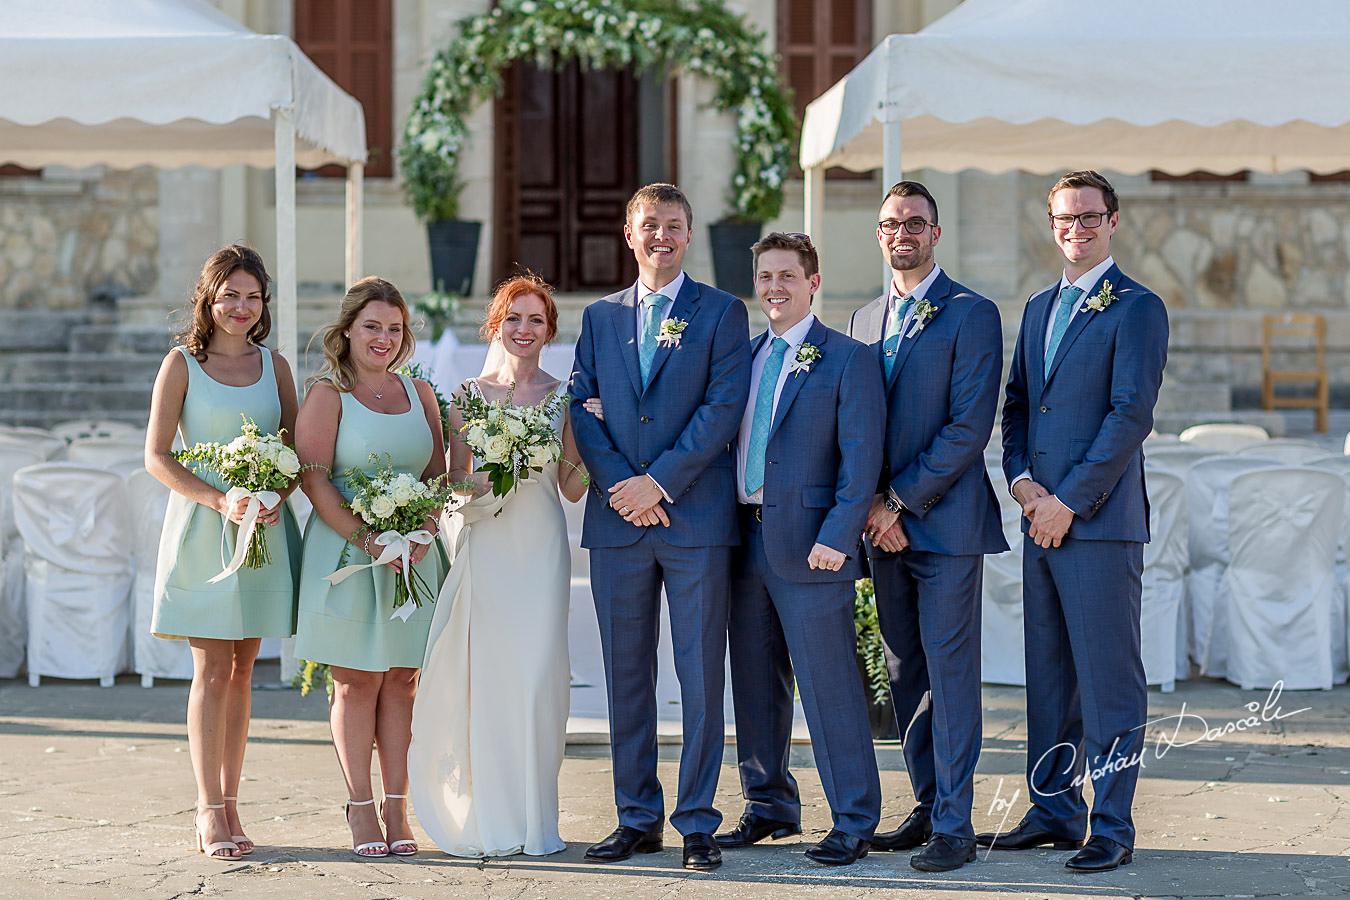 Wedding Celebration at Apokryfo - 66